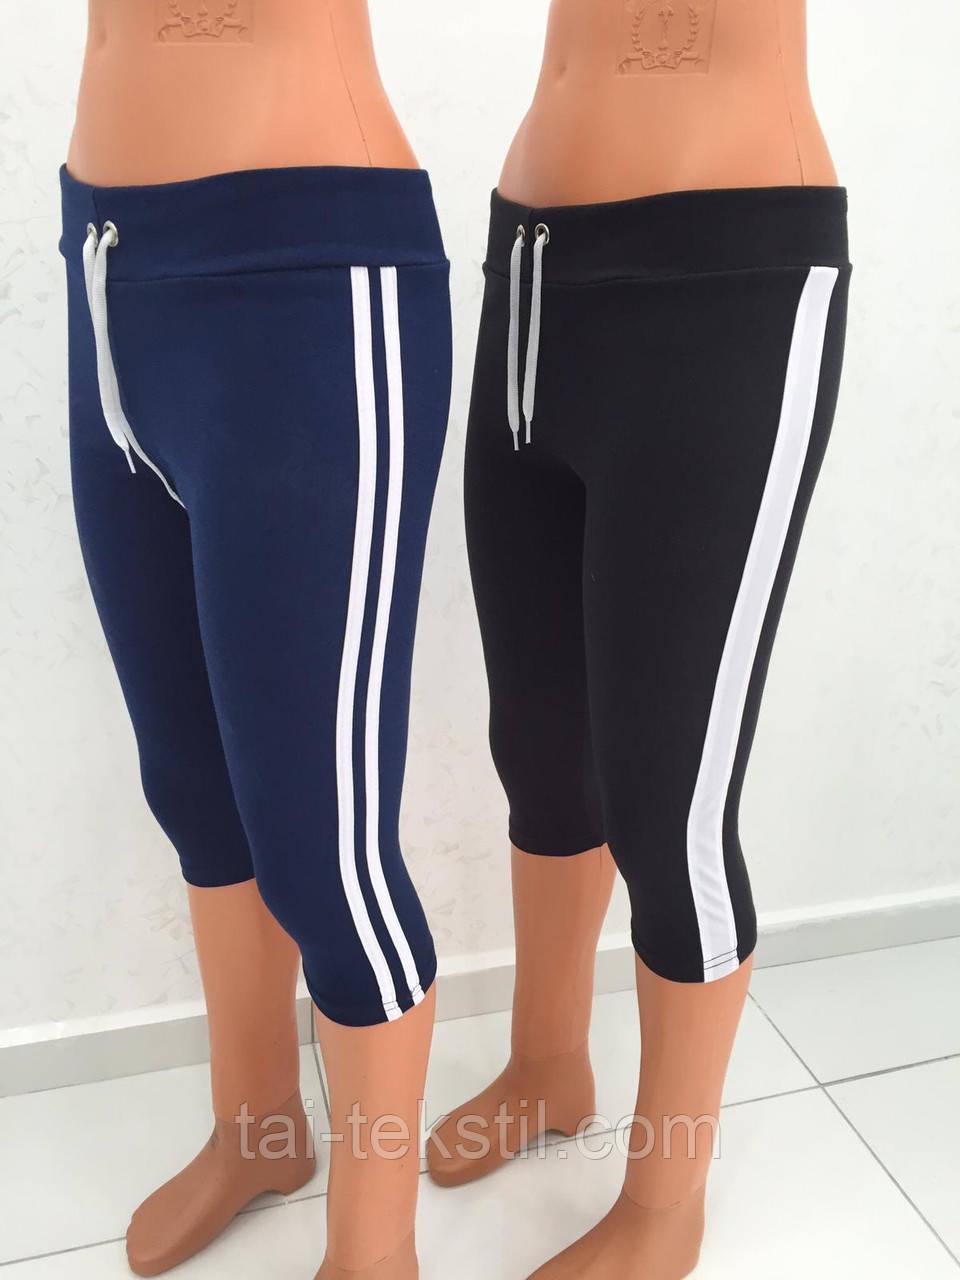 Капри женские спорт Турция S,M,L,XL